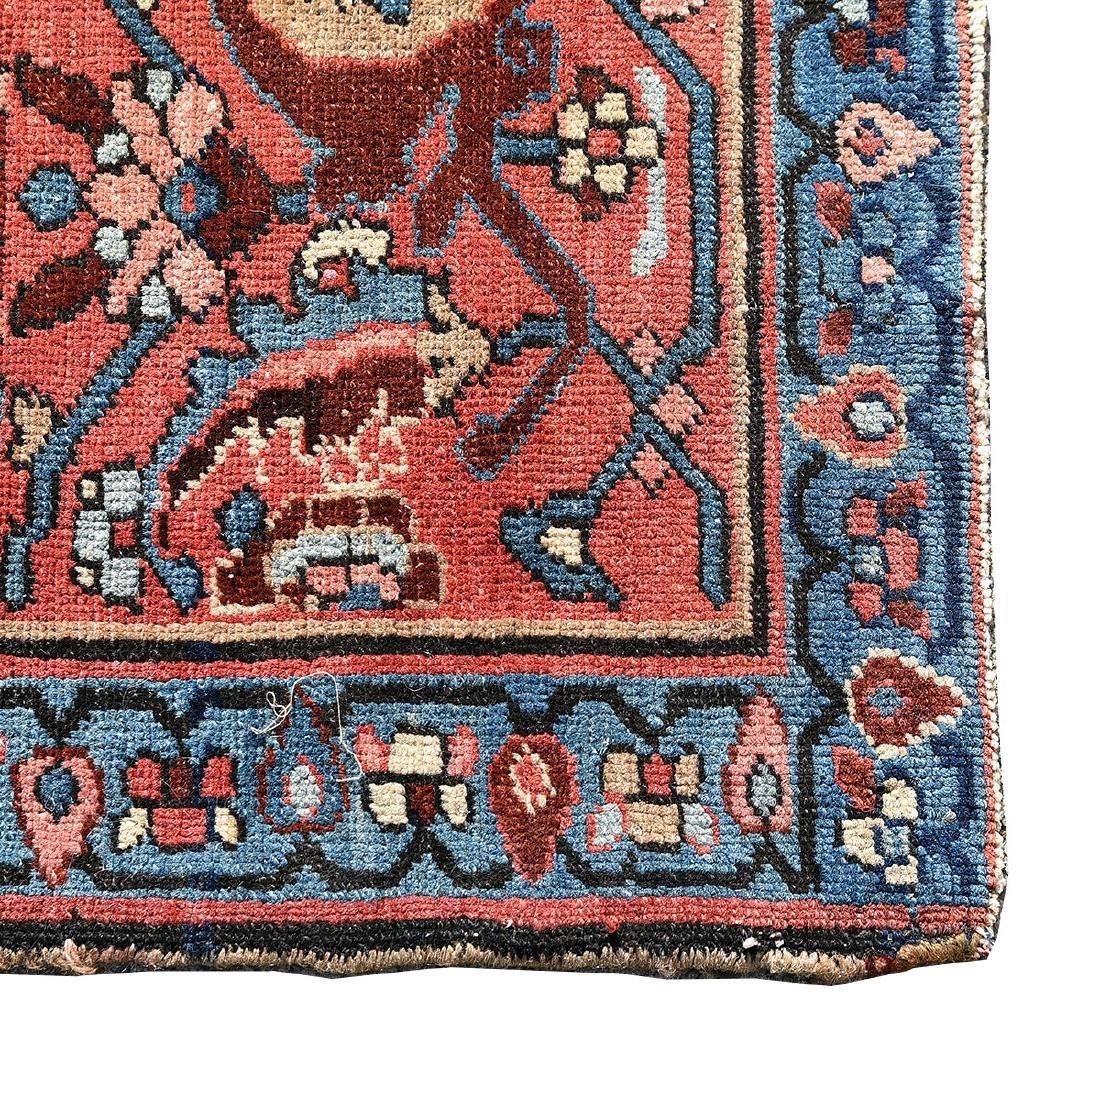 Bakshaish Carpet - 2